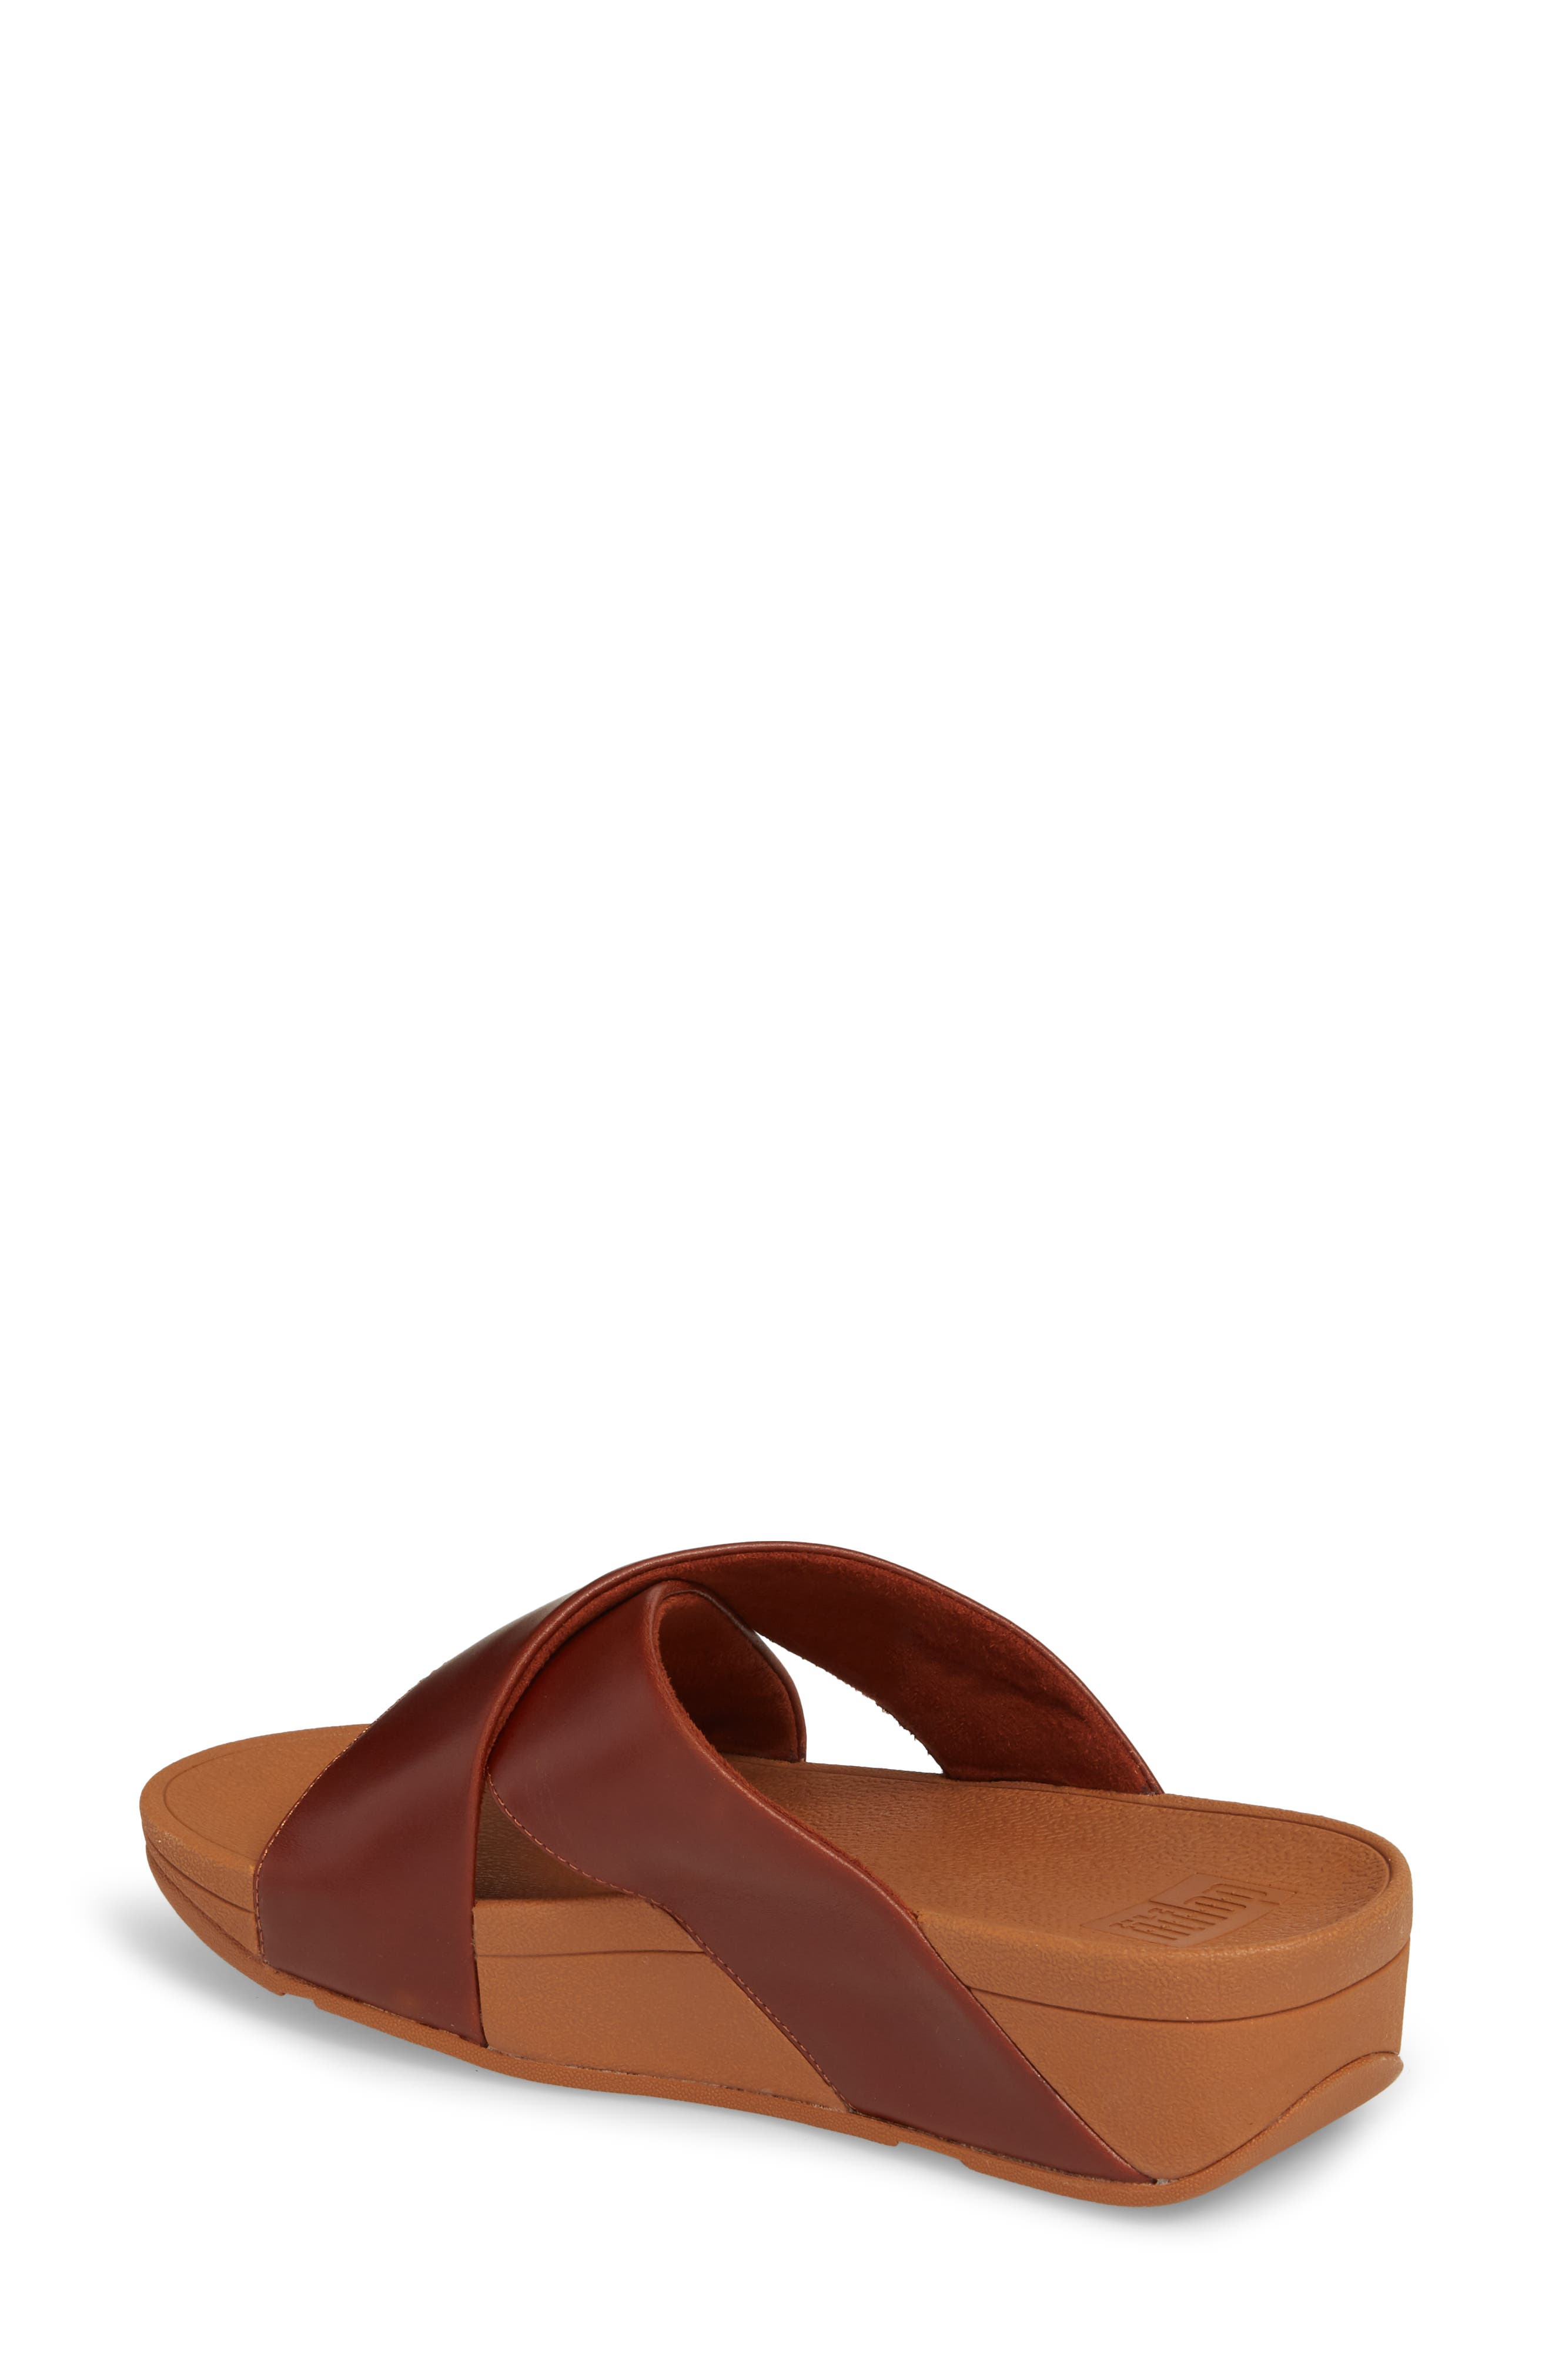 Lulu Cross Slide Sandal,                             Alternate thumbnail 2, color,                             Cognac